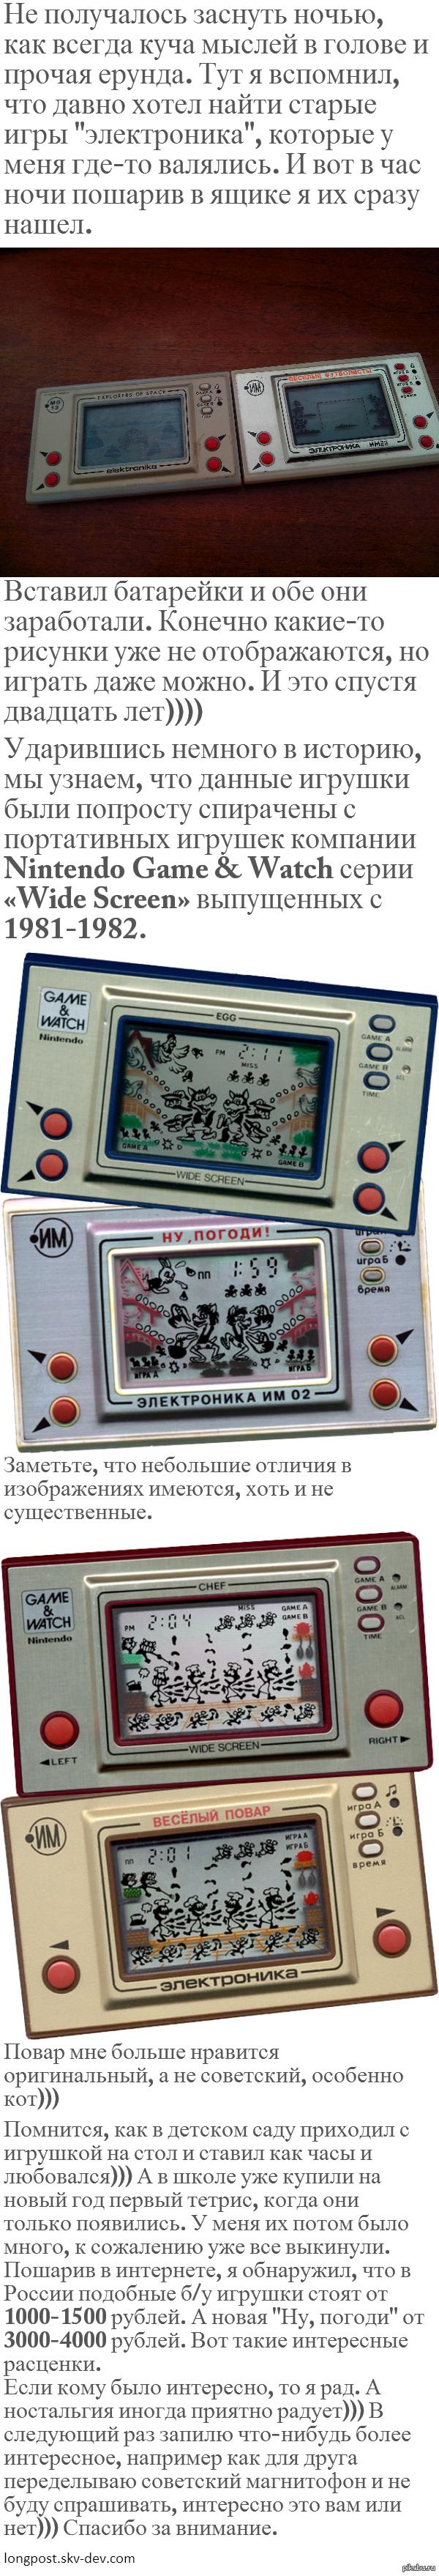 Электроника ИМ Советские портативные электронные игры. Ностальгия-пост.